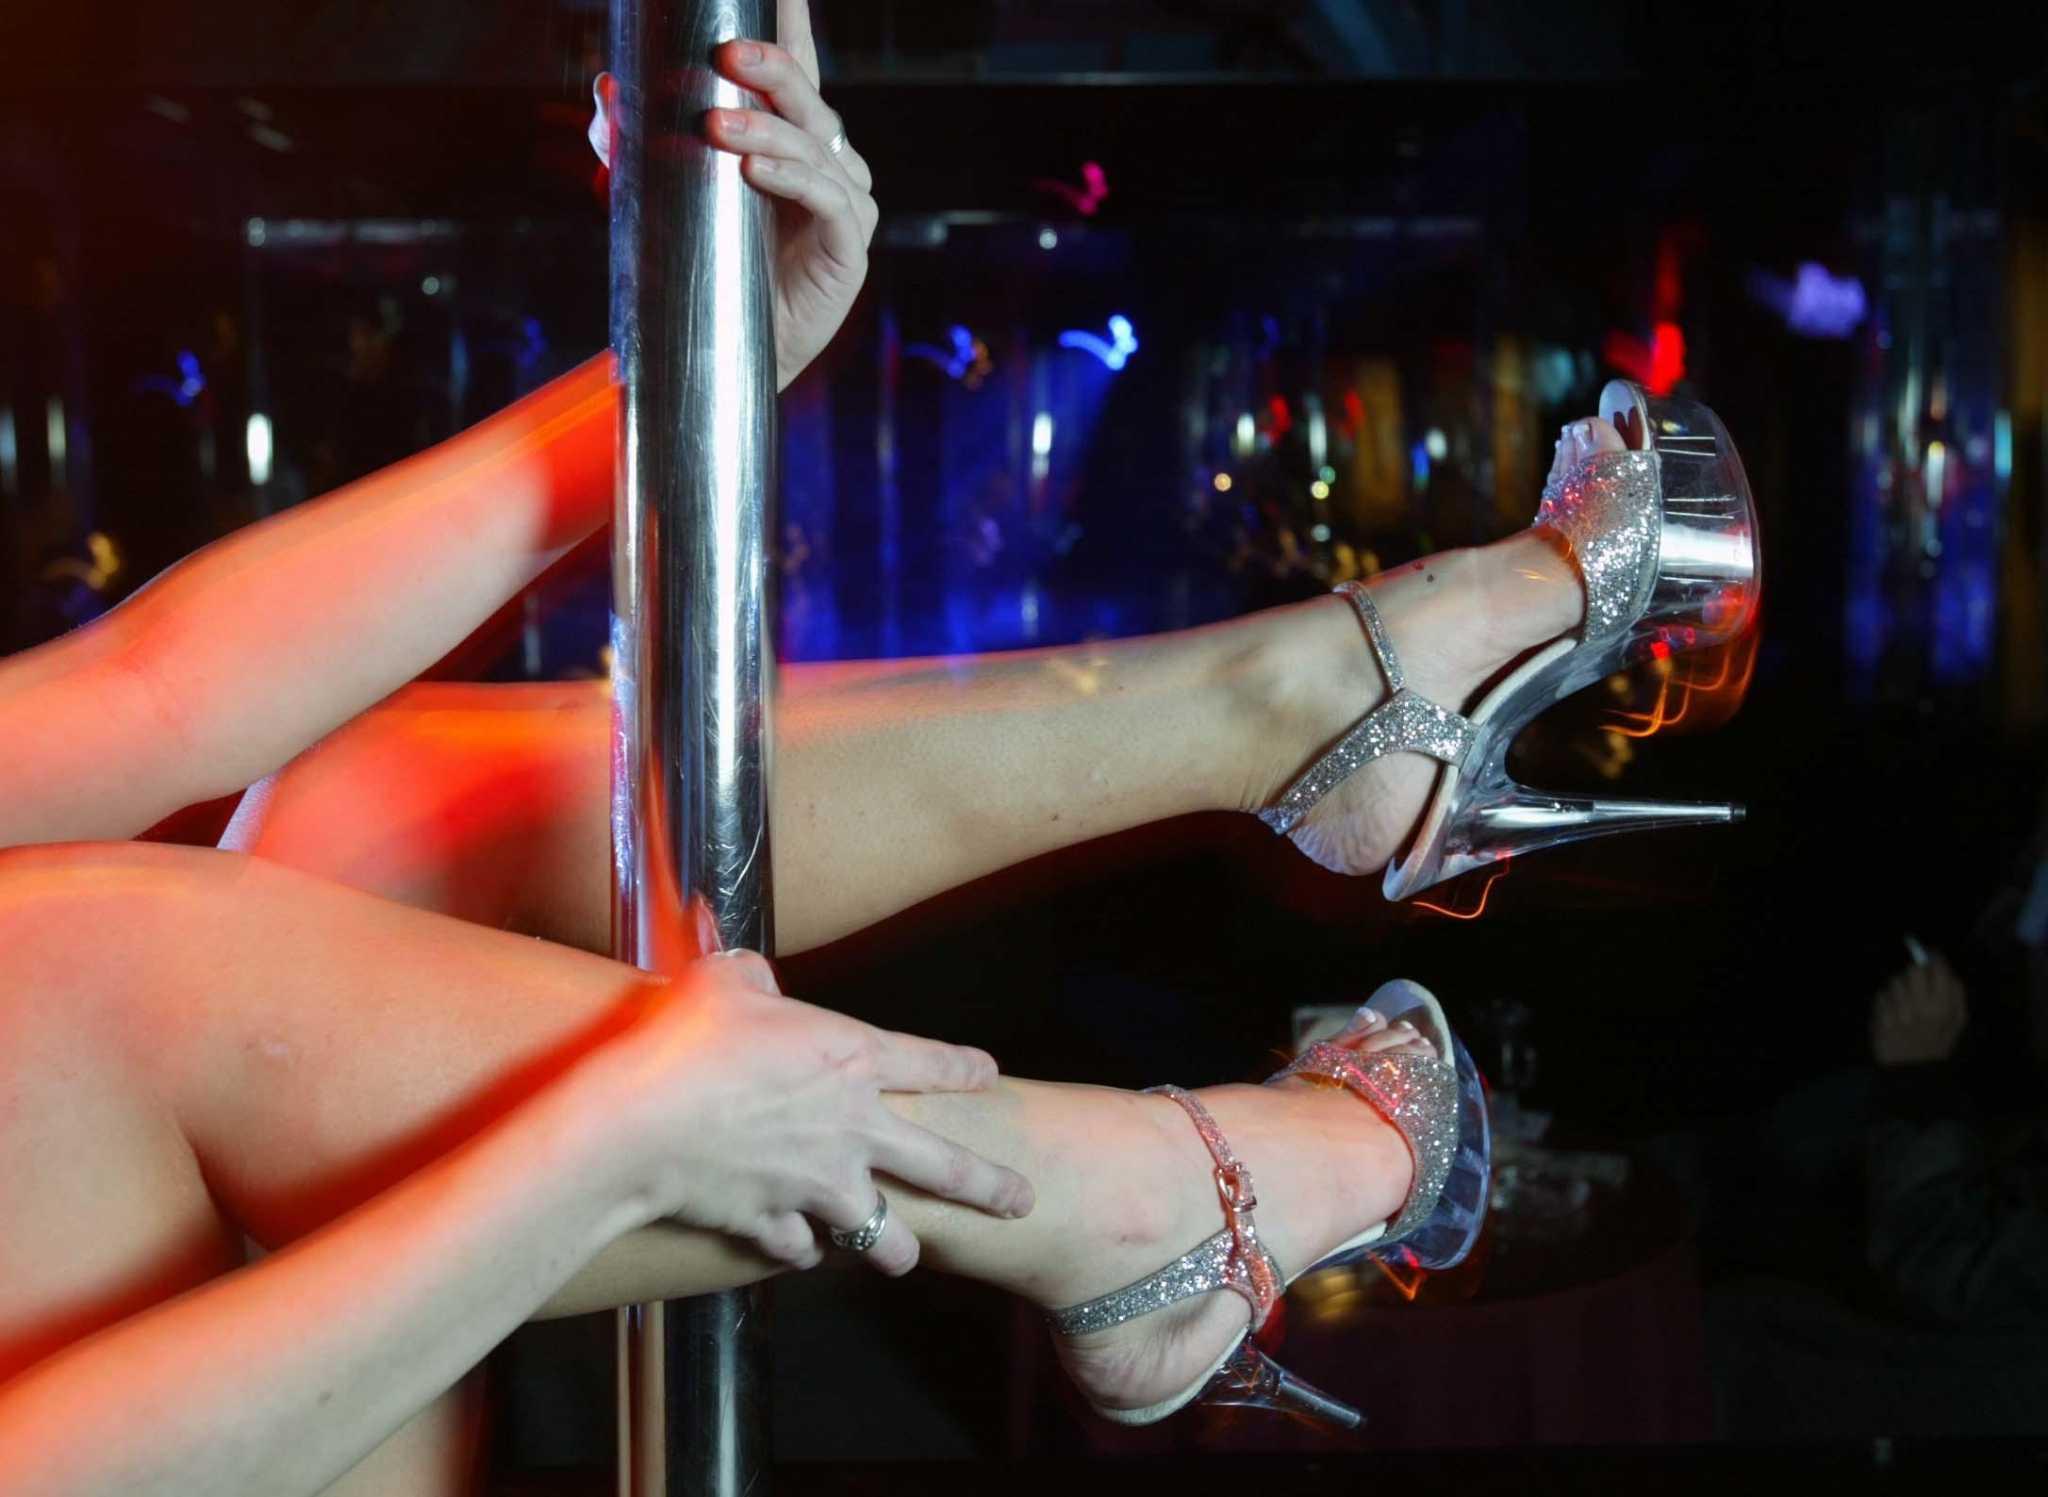 Ennis texas strip clubs — photo 6